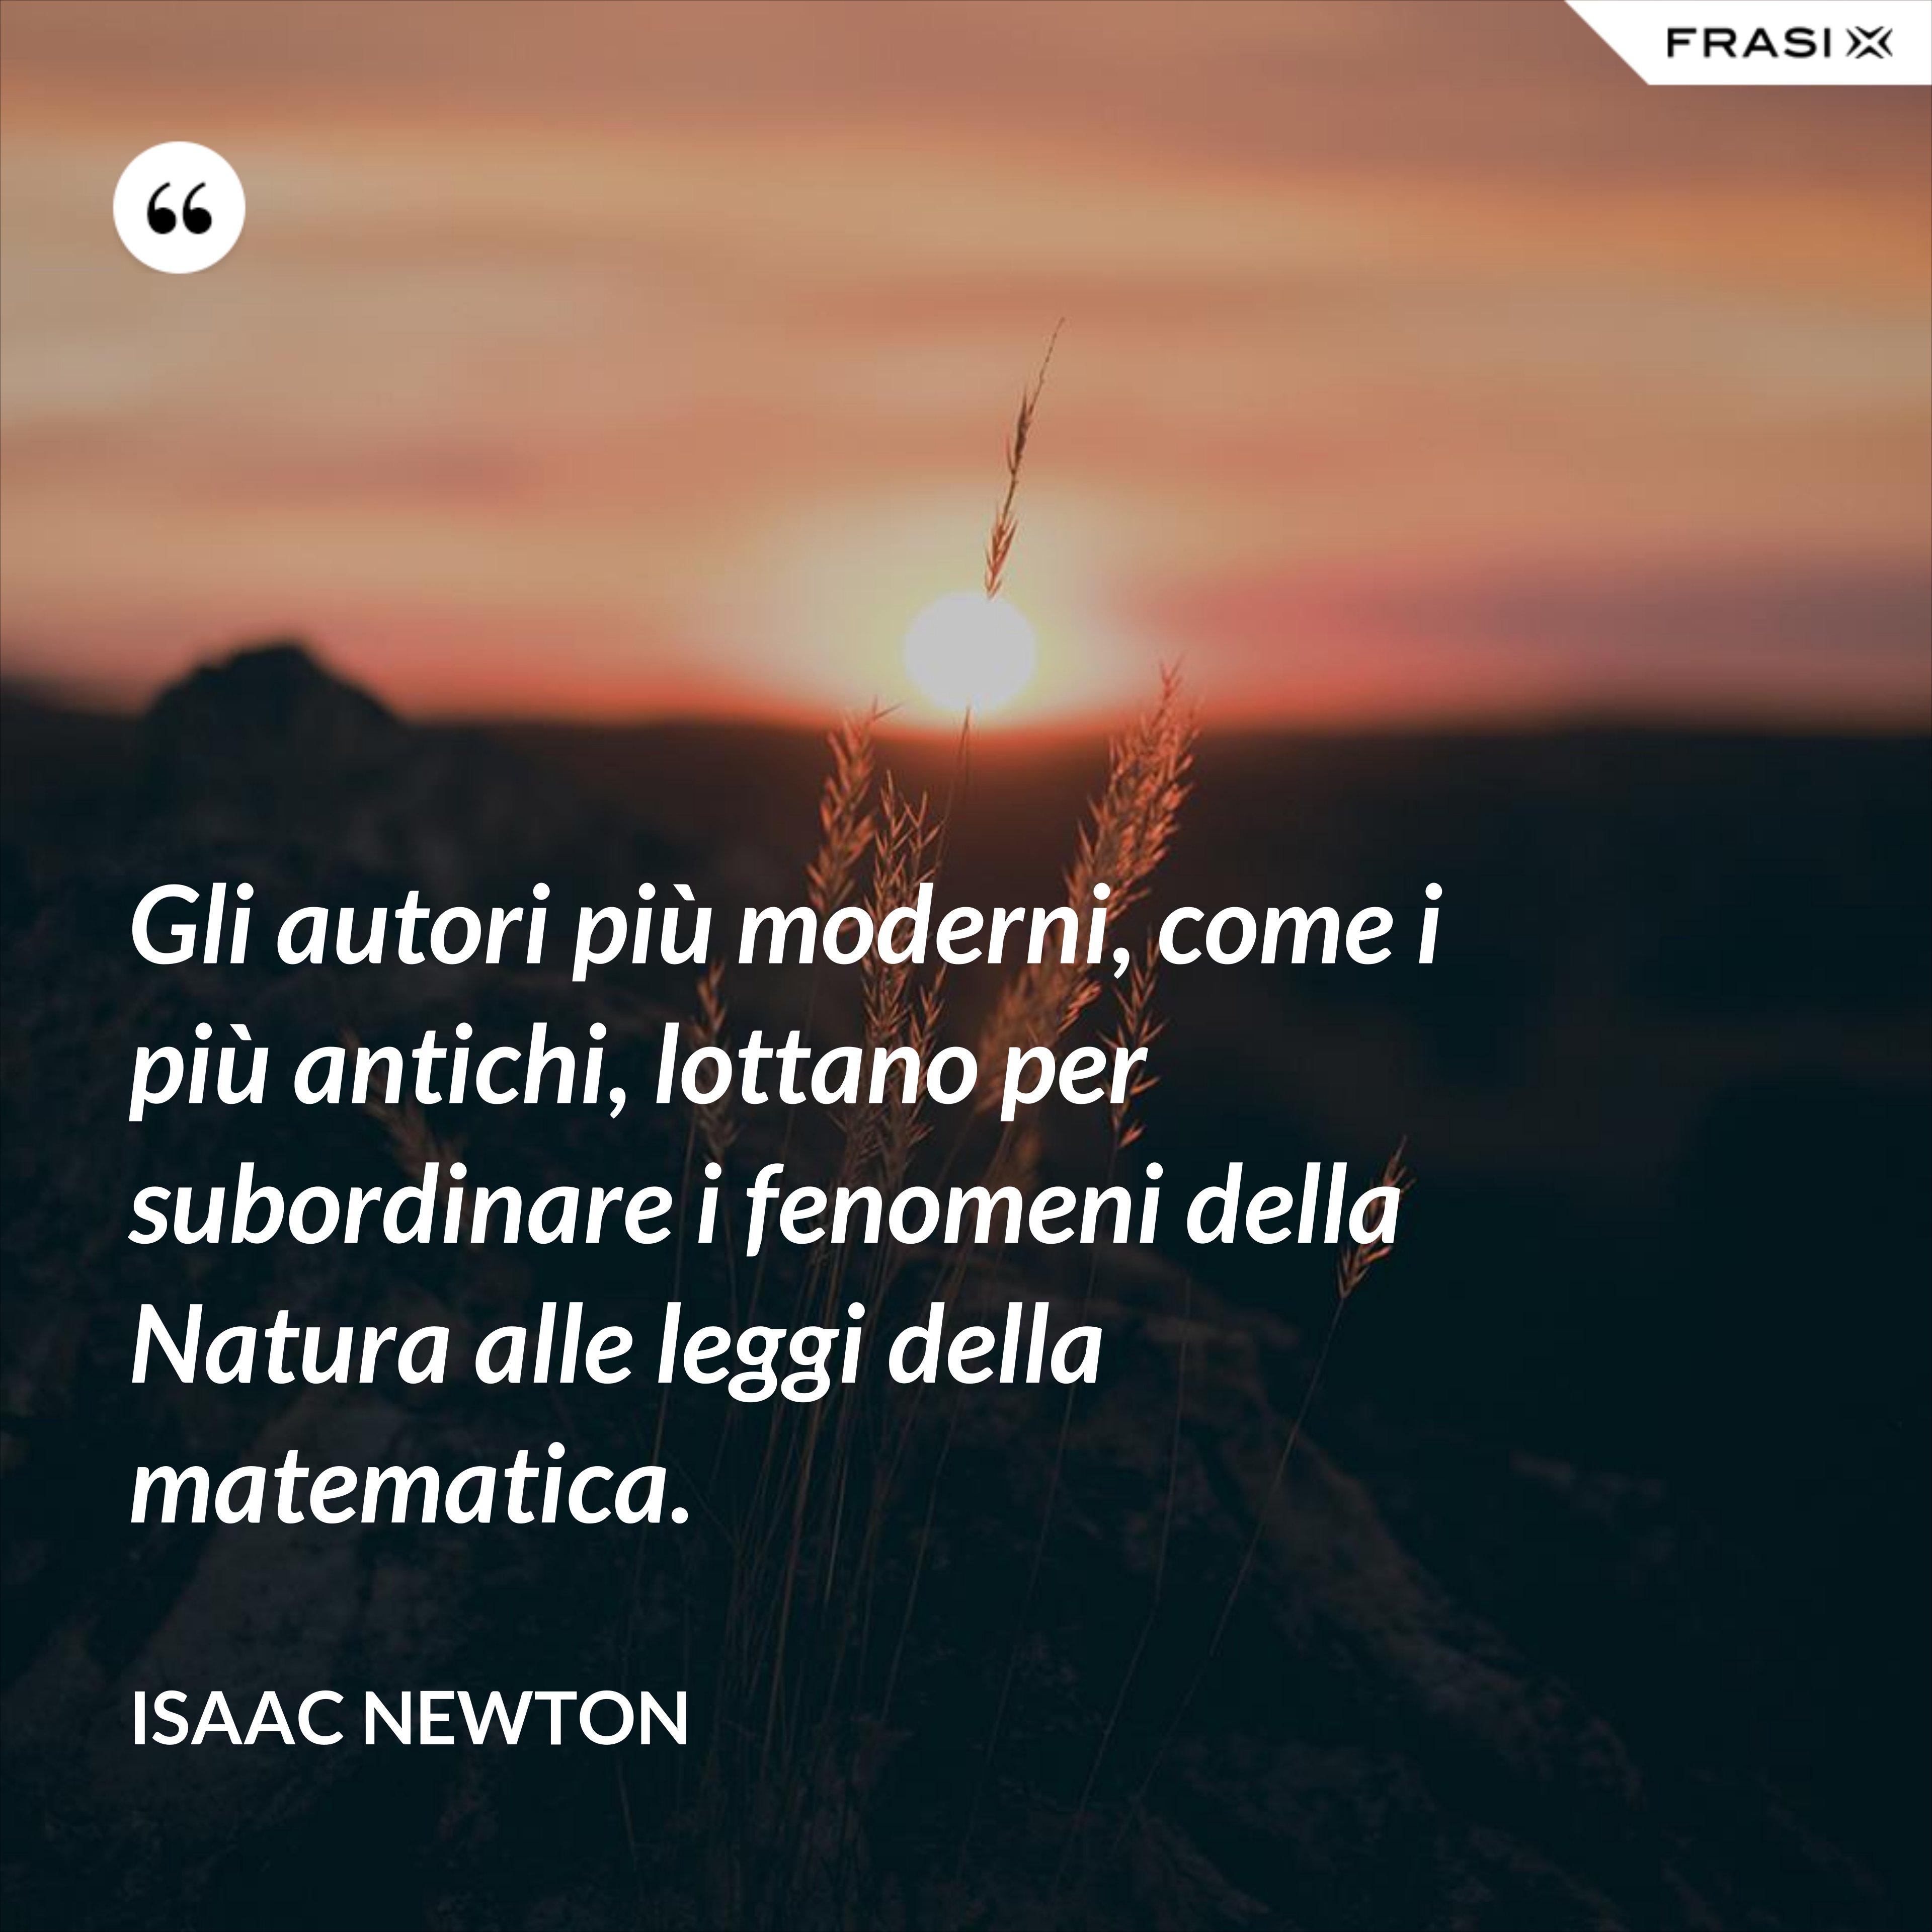 Gli autori più moderni, come i più antichi, lottano per subordinare i fenomeni della Natura alle leggi della matematica. - Isaac Newton